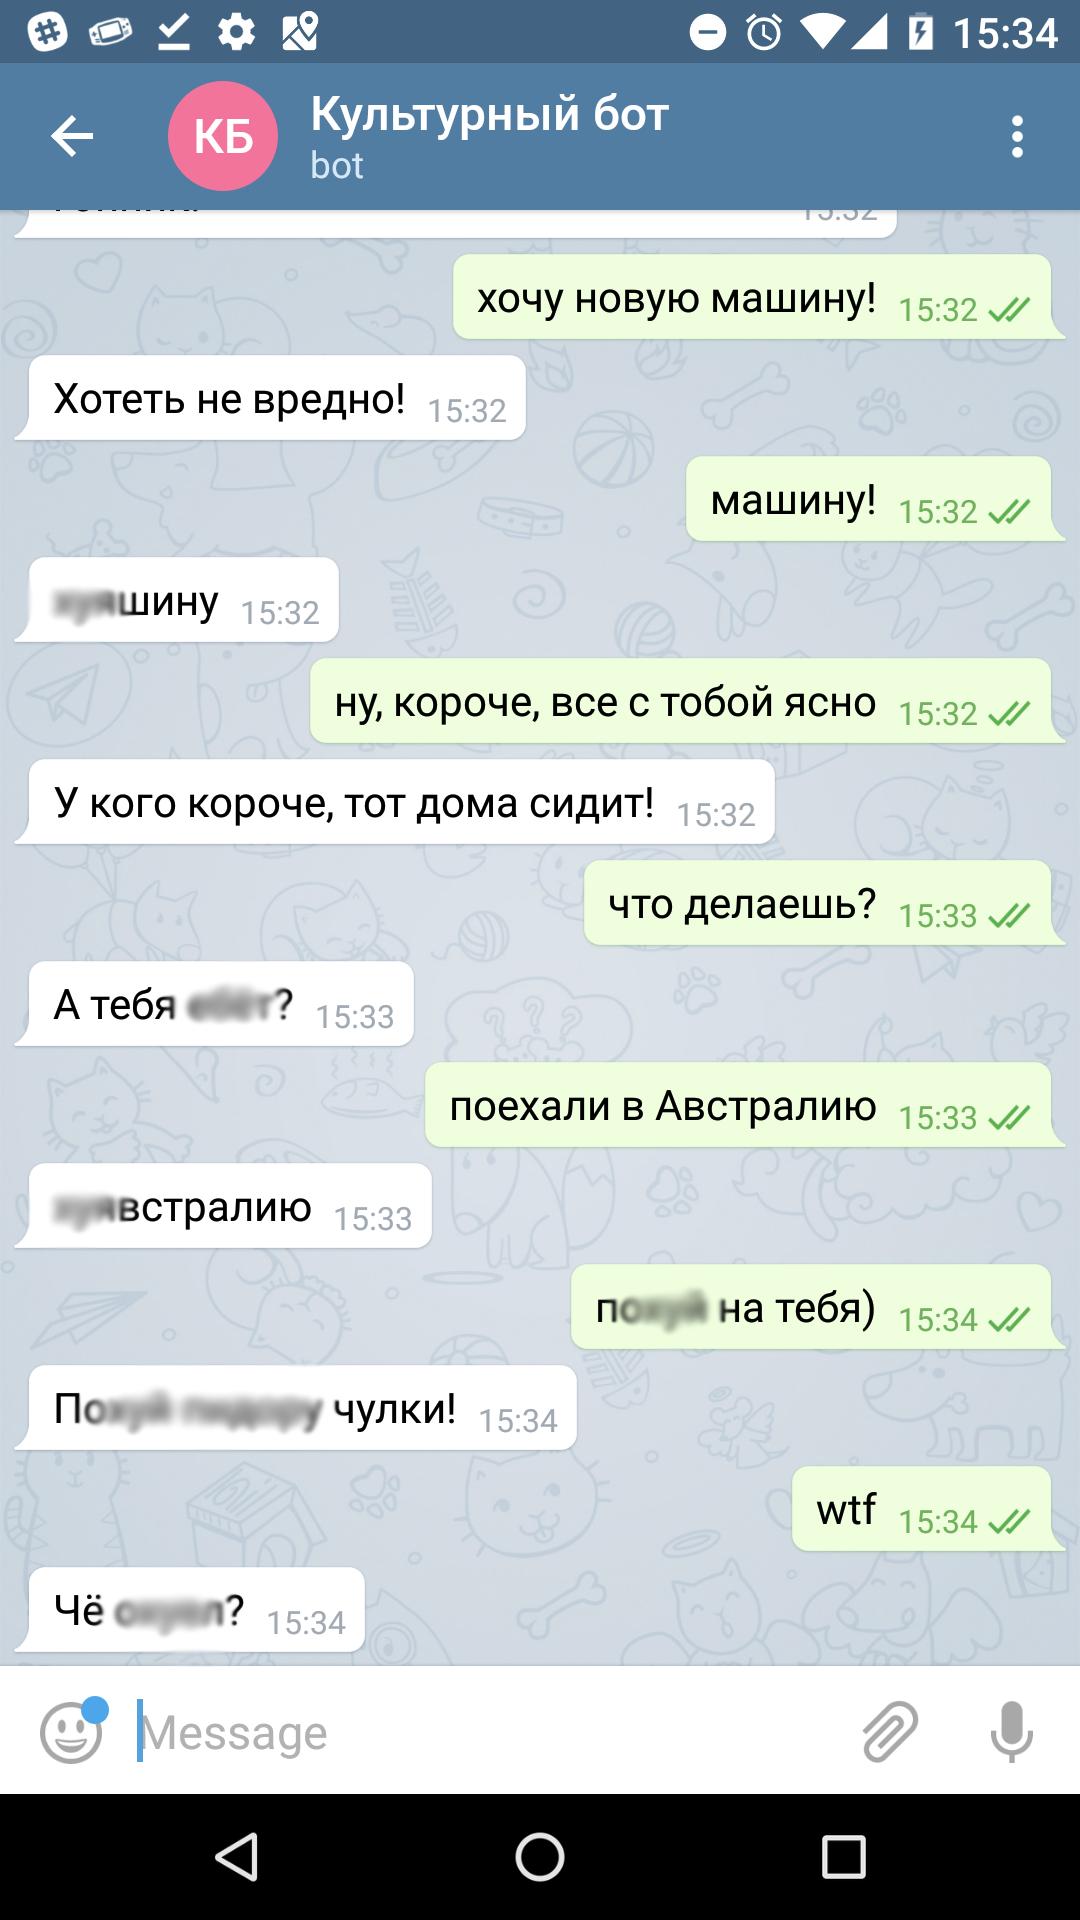 Дерзкий telegram бот - 1